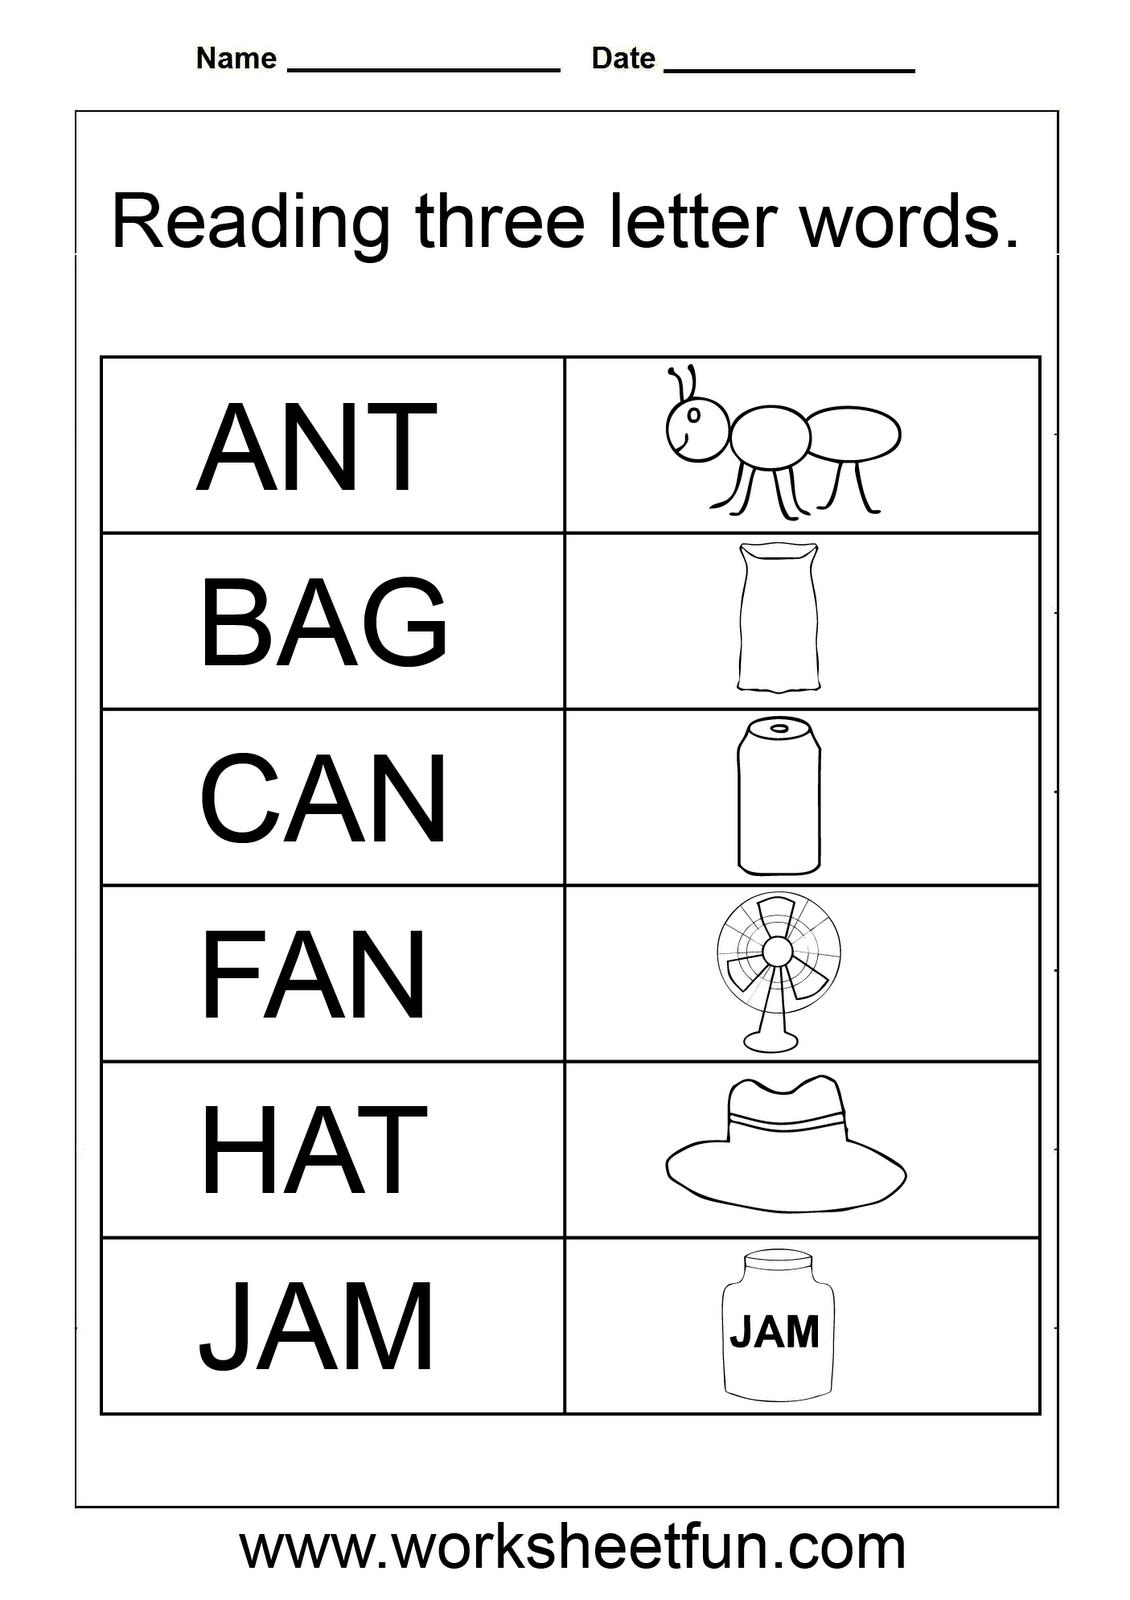 3 Letter Words Worksheets For Kindergarten | 3 Letter Words